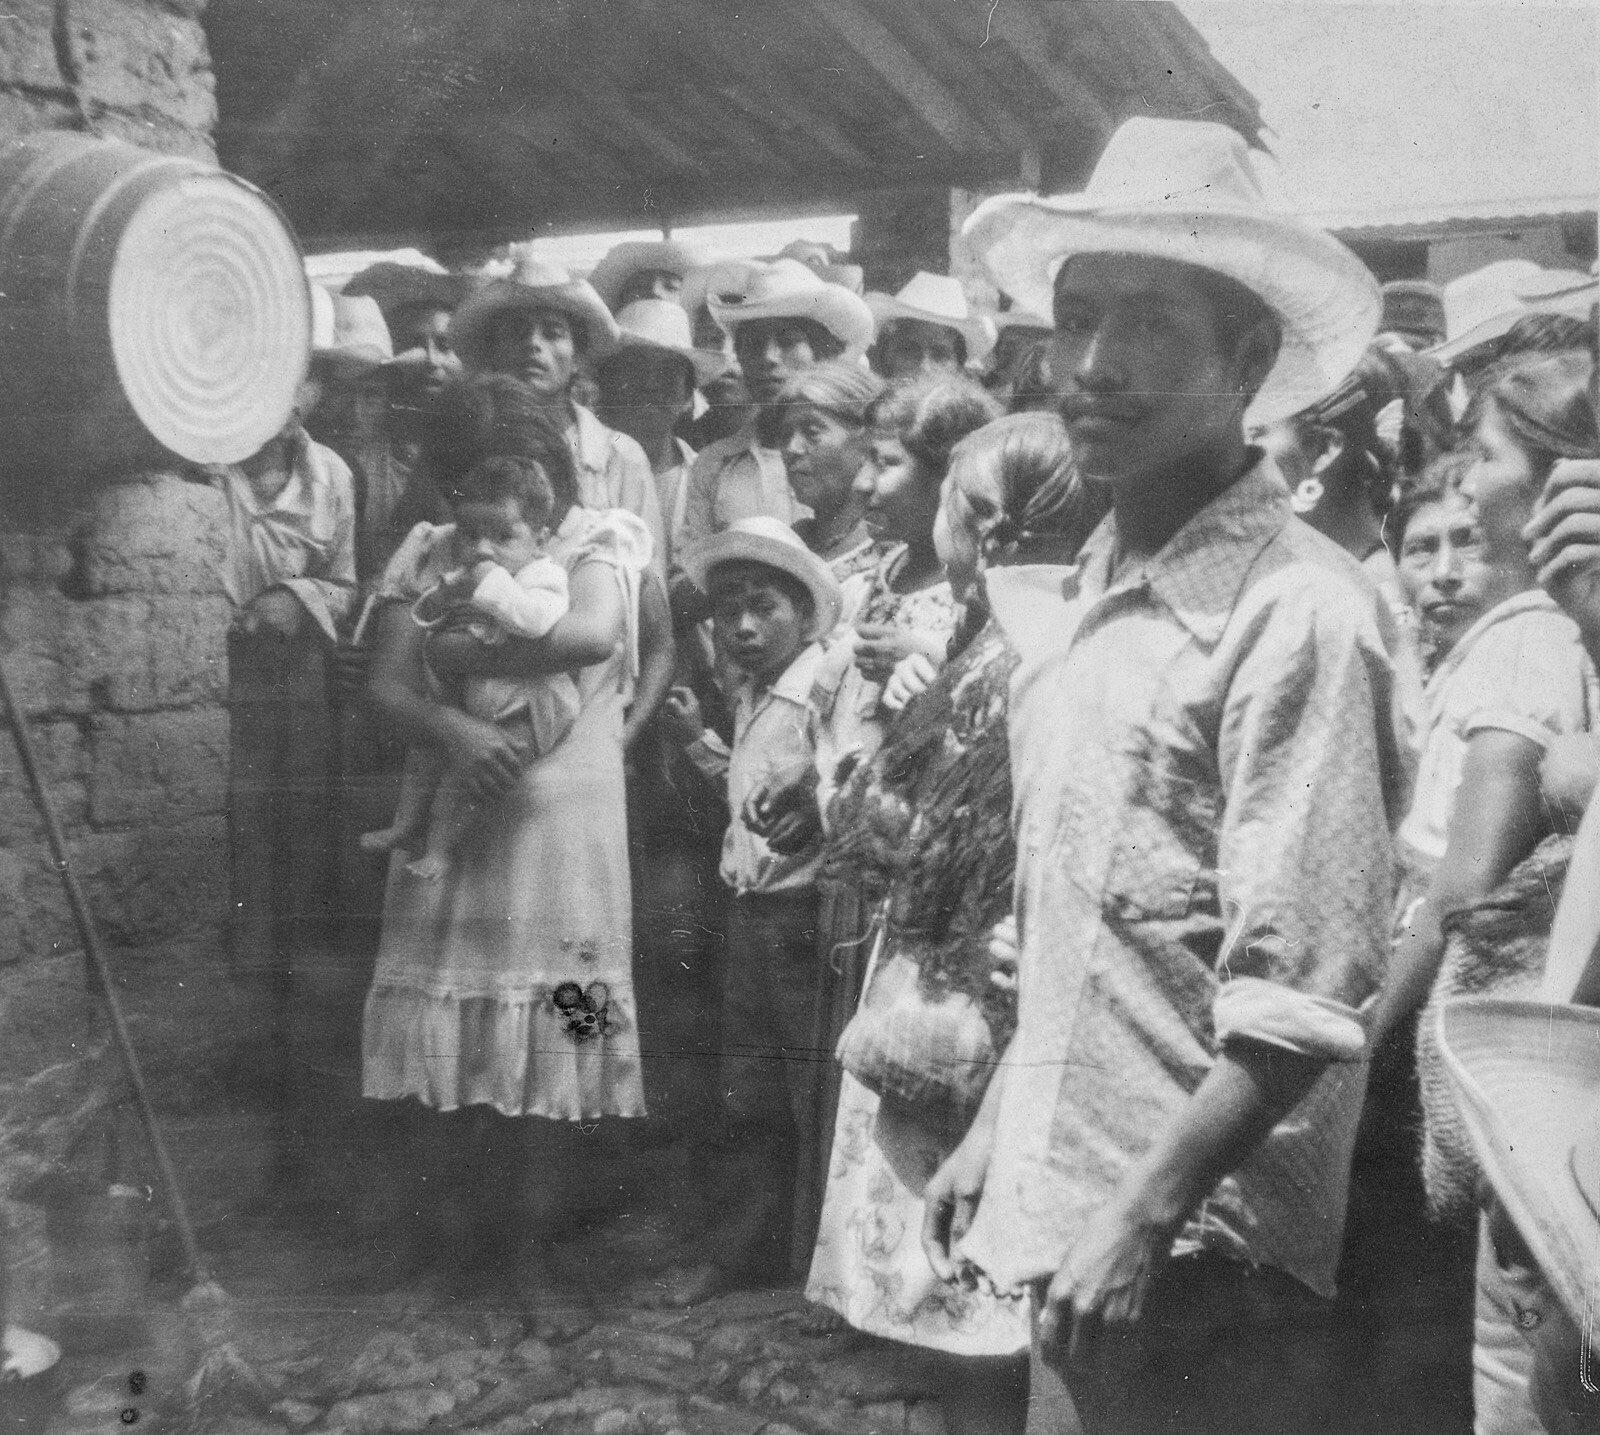 Invasión de las fincas mestizas por los campesinos indígenas tzeltales. Pueblo Nuevo Sitalá, 1980, Polaroïd blanco y negro escaneado. Crédito: Ernesto Vazquez Hernández.